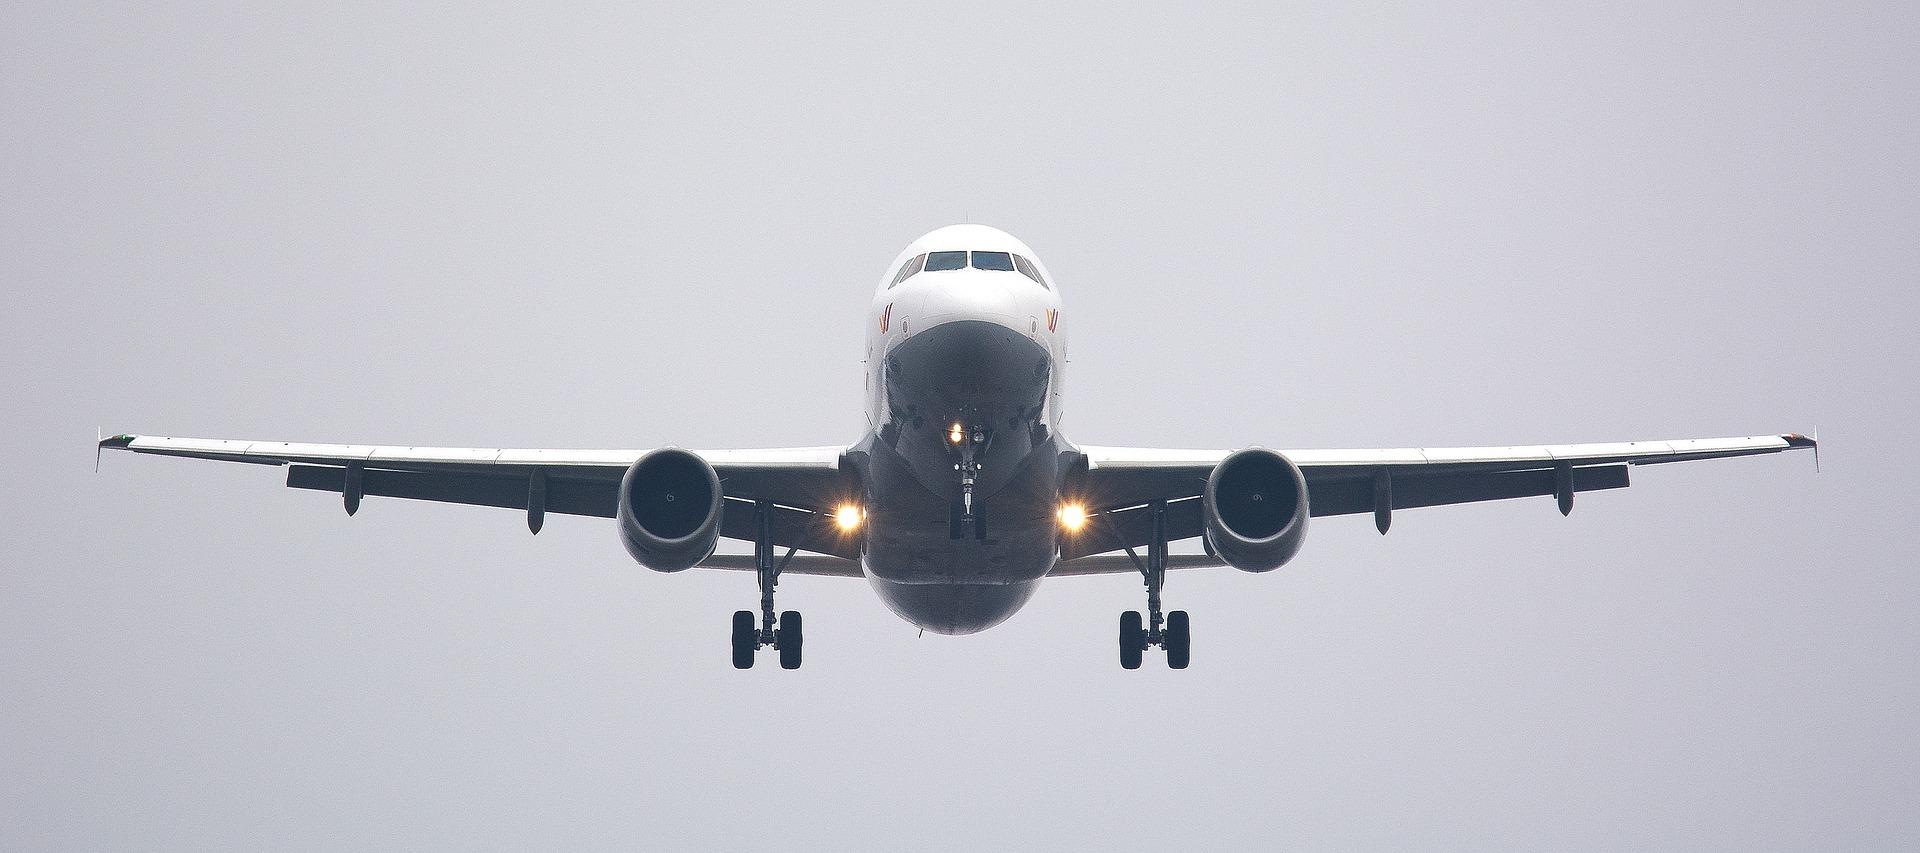 Industria aeronautica, l'intelligenza artificiale dispiega le ali